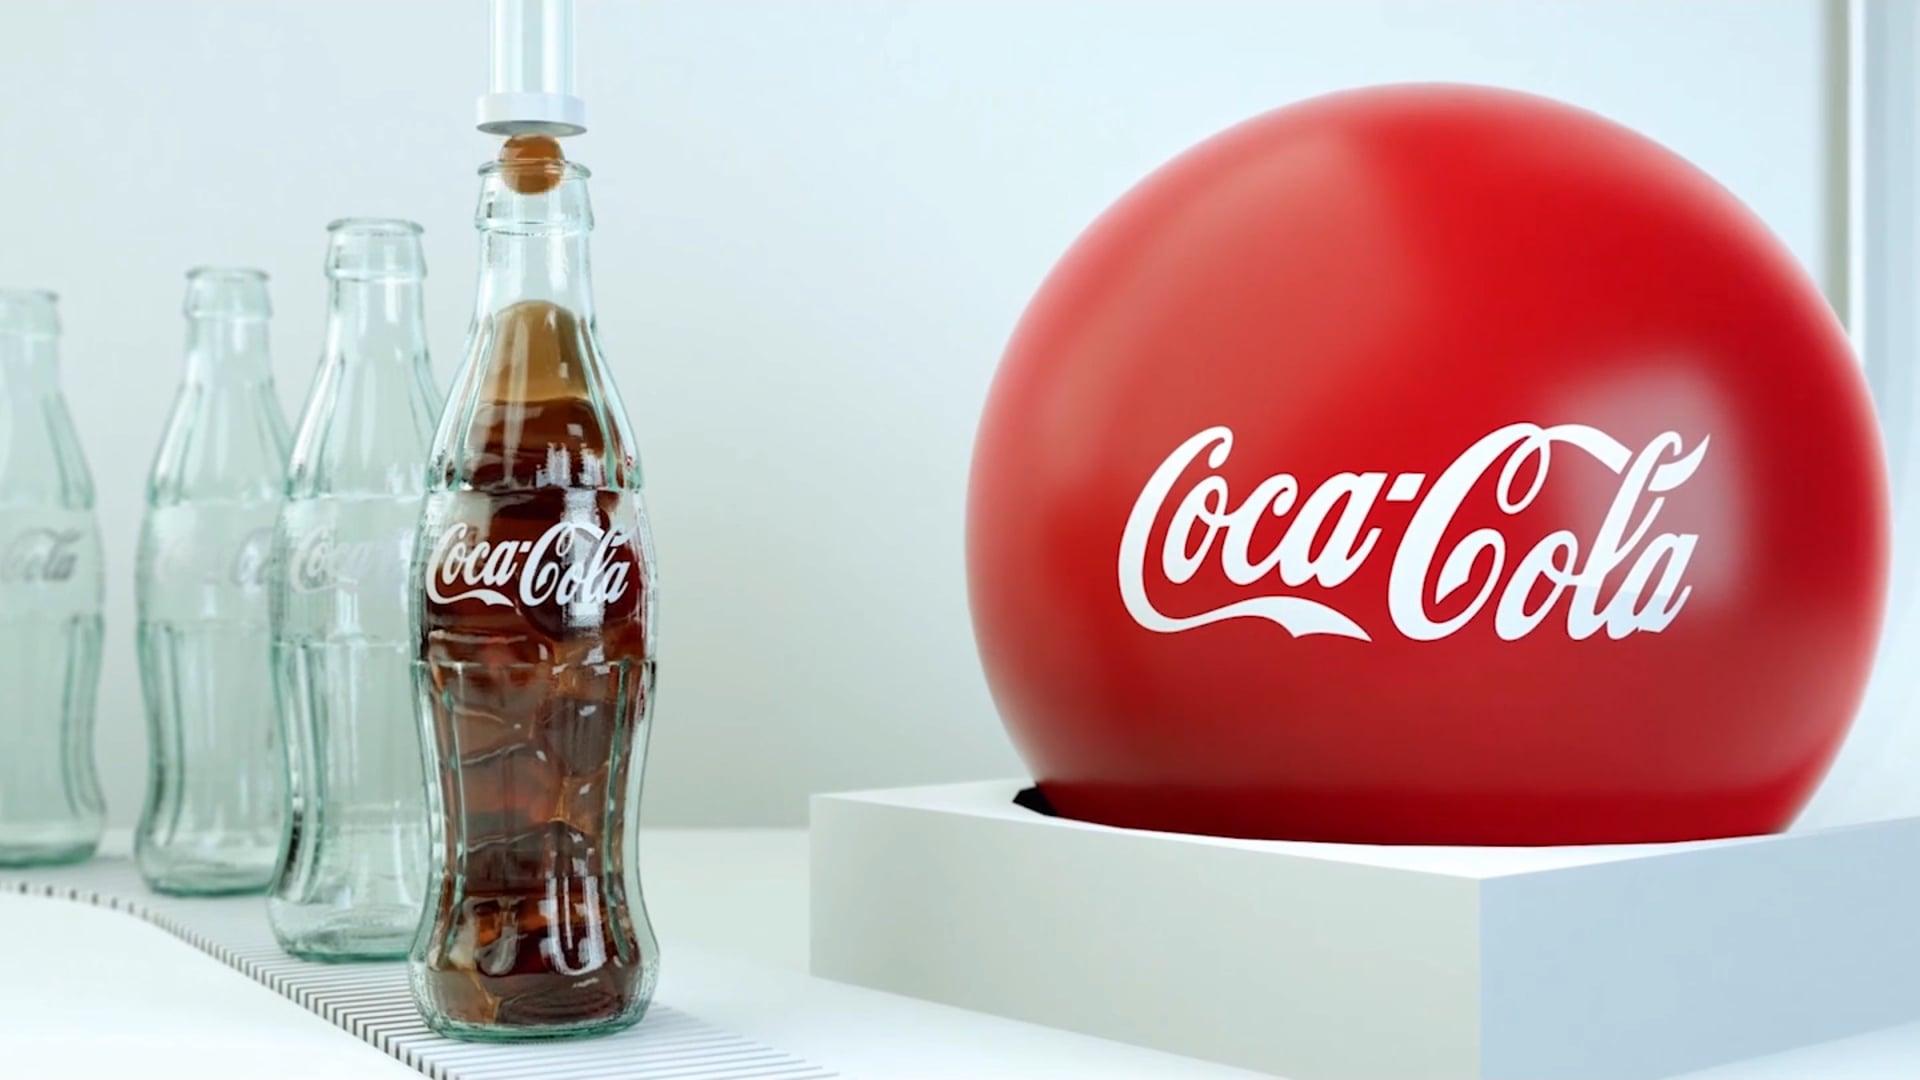 Coca-Cola Brand Spot